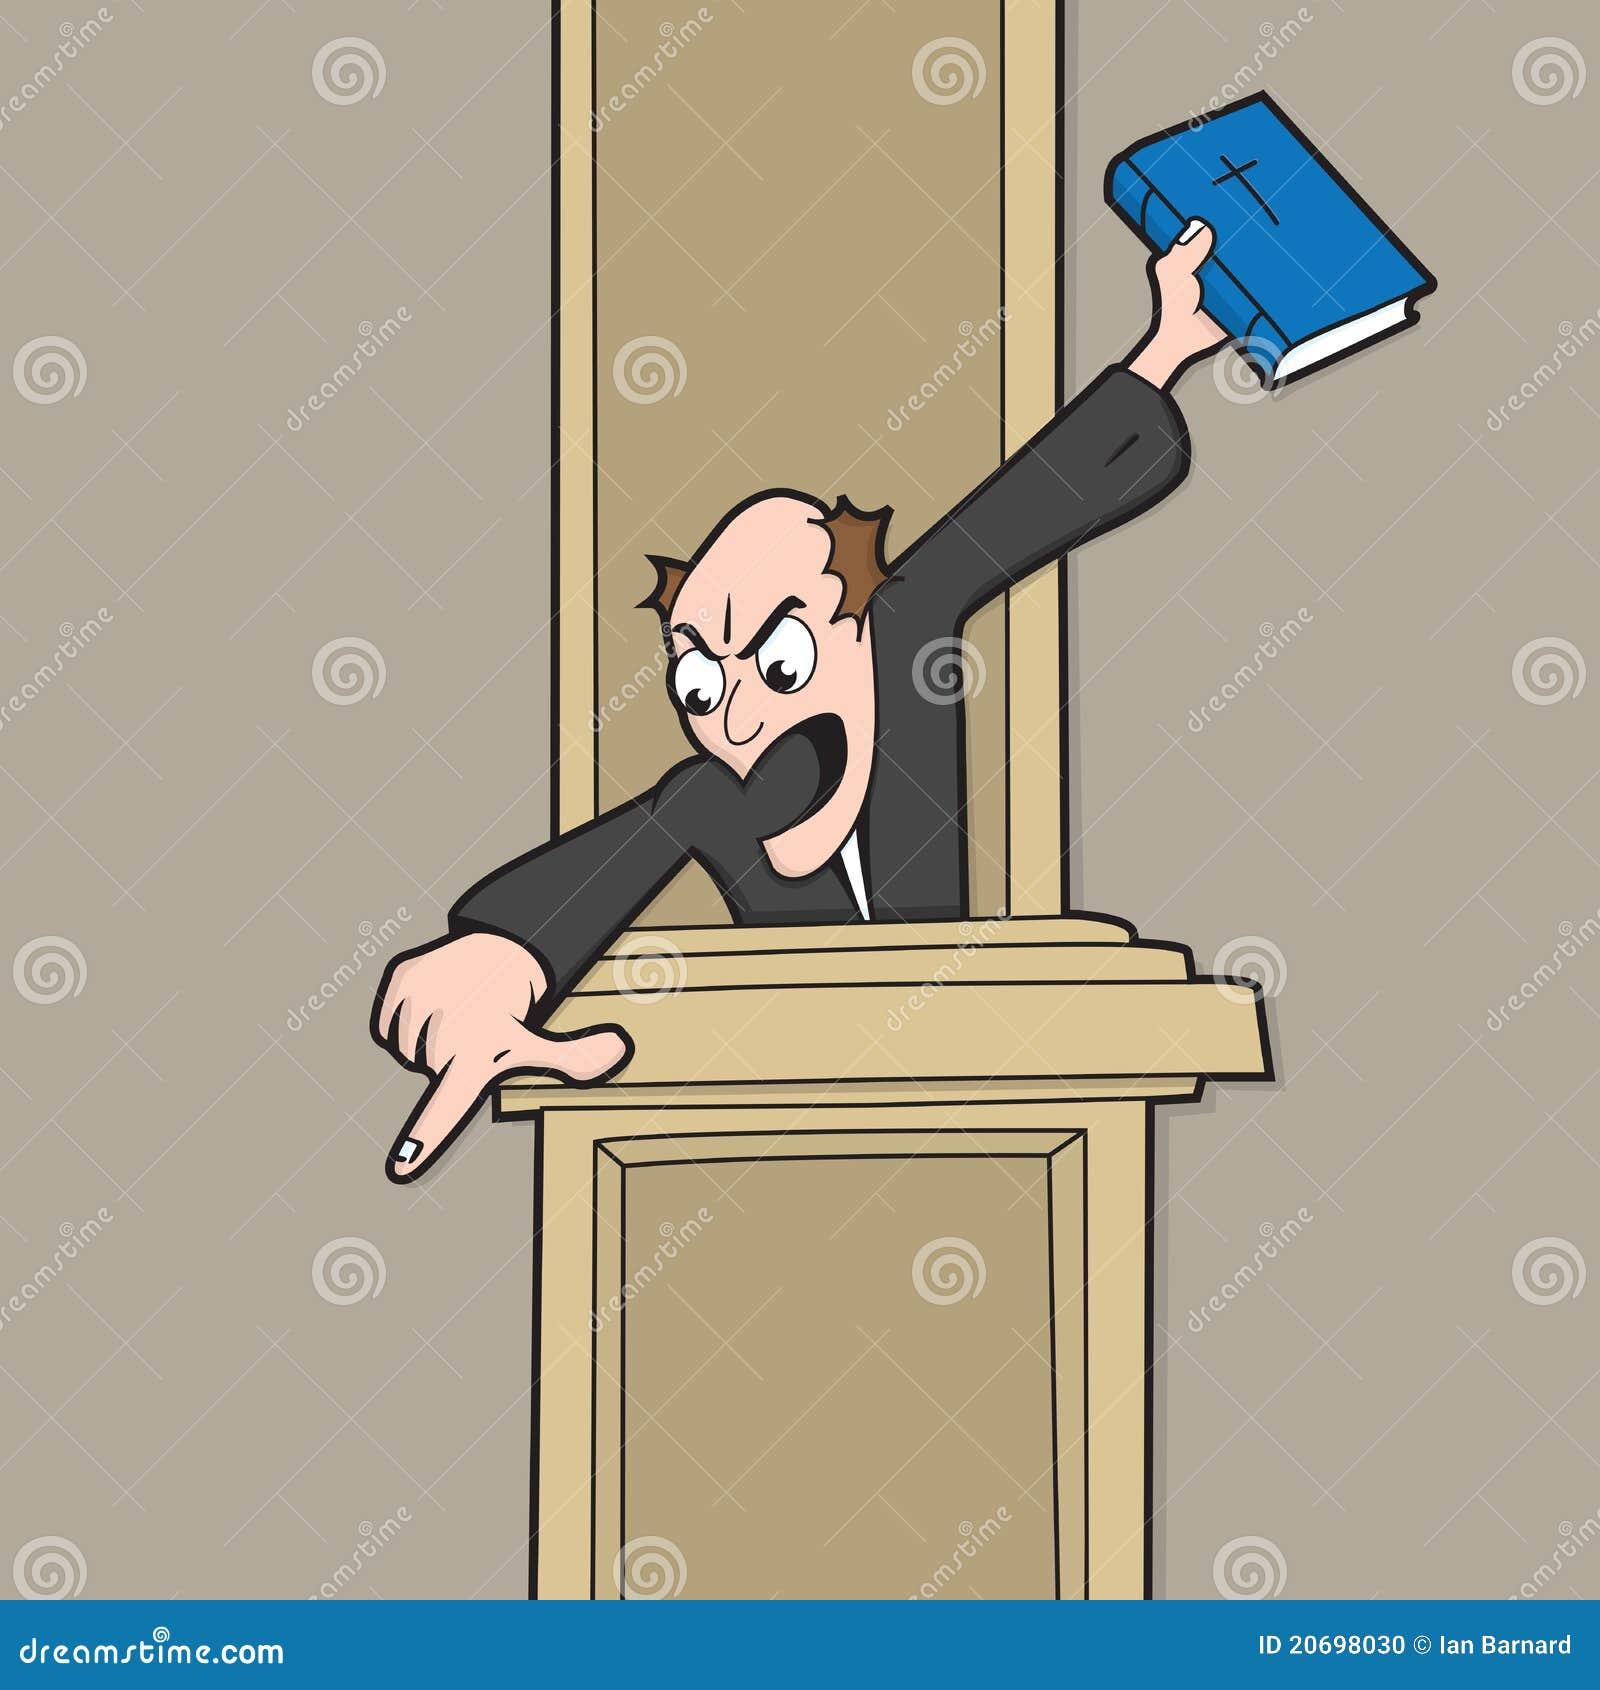 Superb Helllfire And Brimstone Preacher. Helllfire And Brimstone Type Preacher,  Shouting At His Congregation Whilst